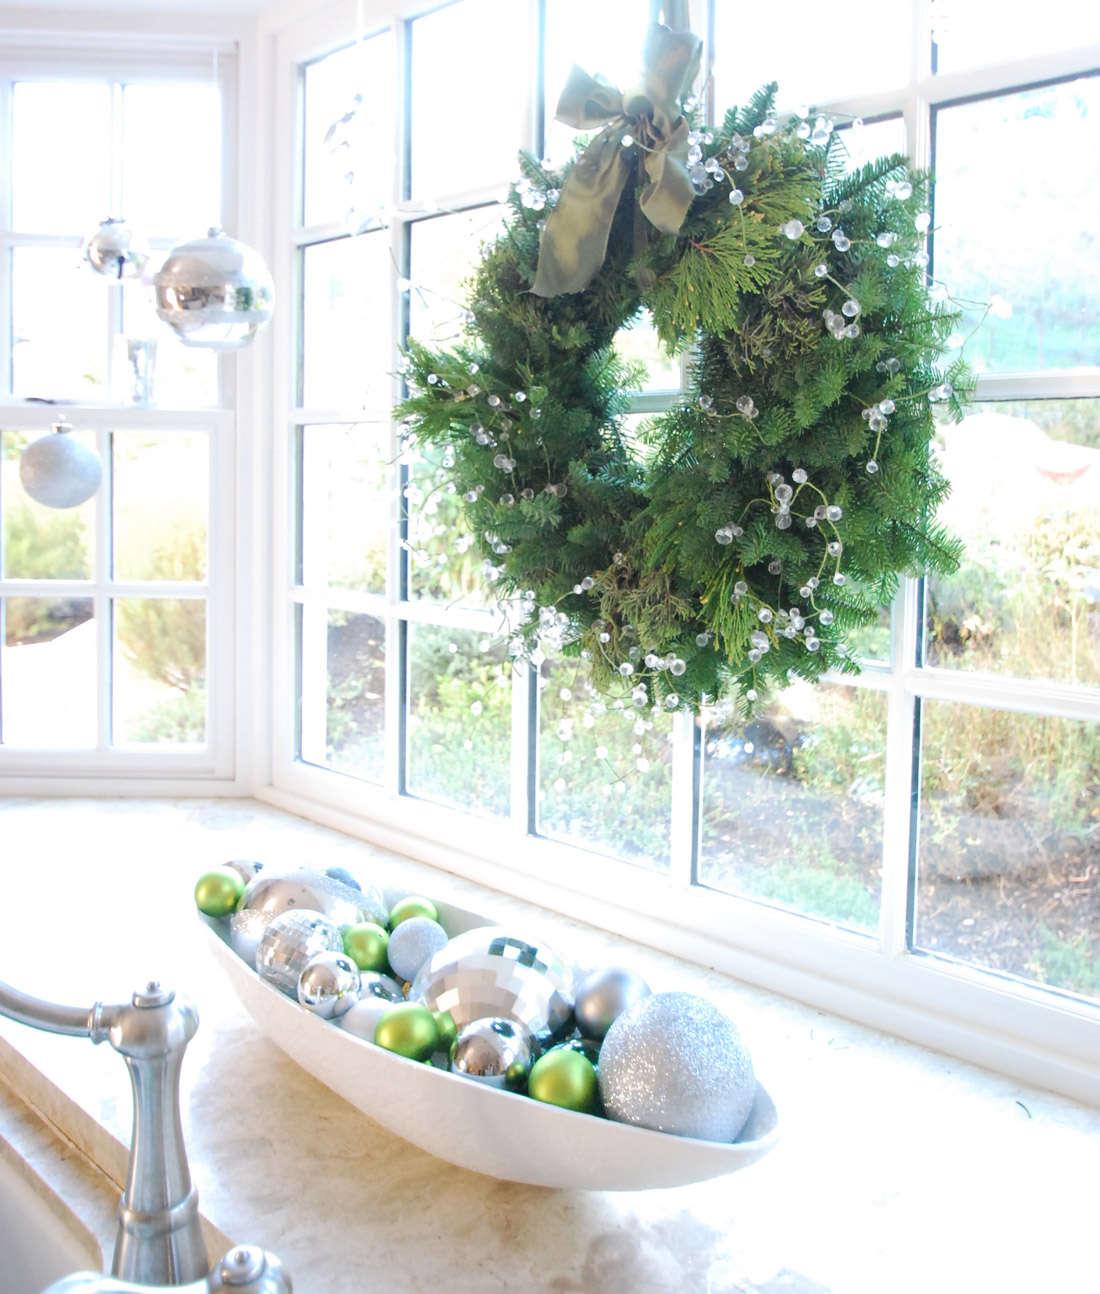 Оформление окна на Новый год венком и елочными игрушками